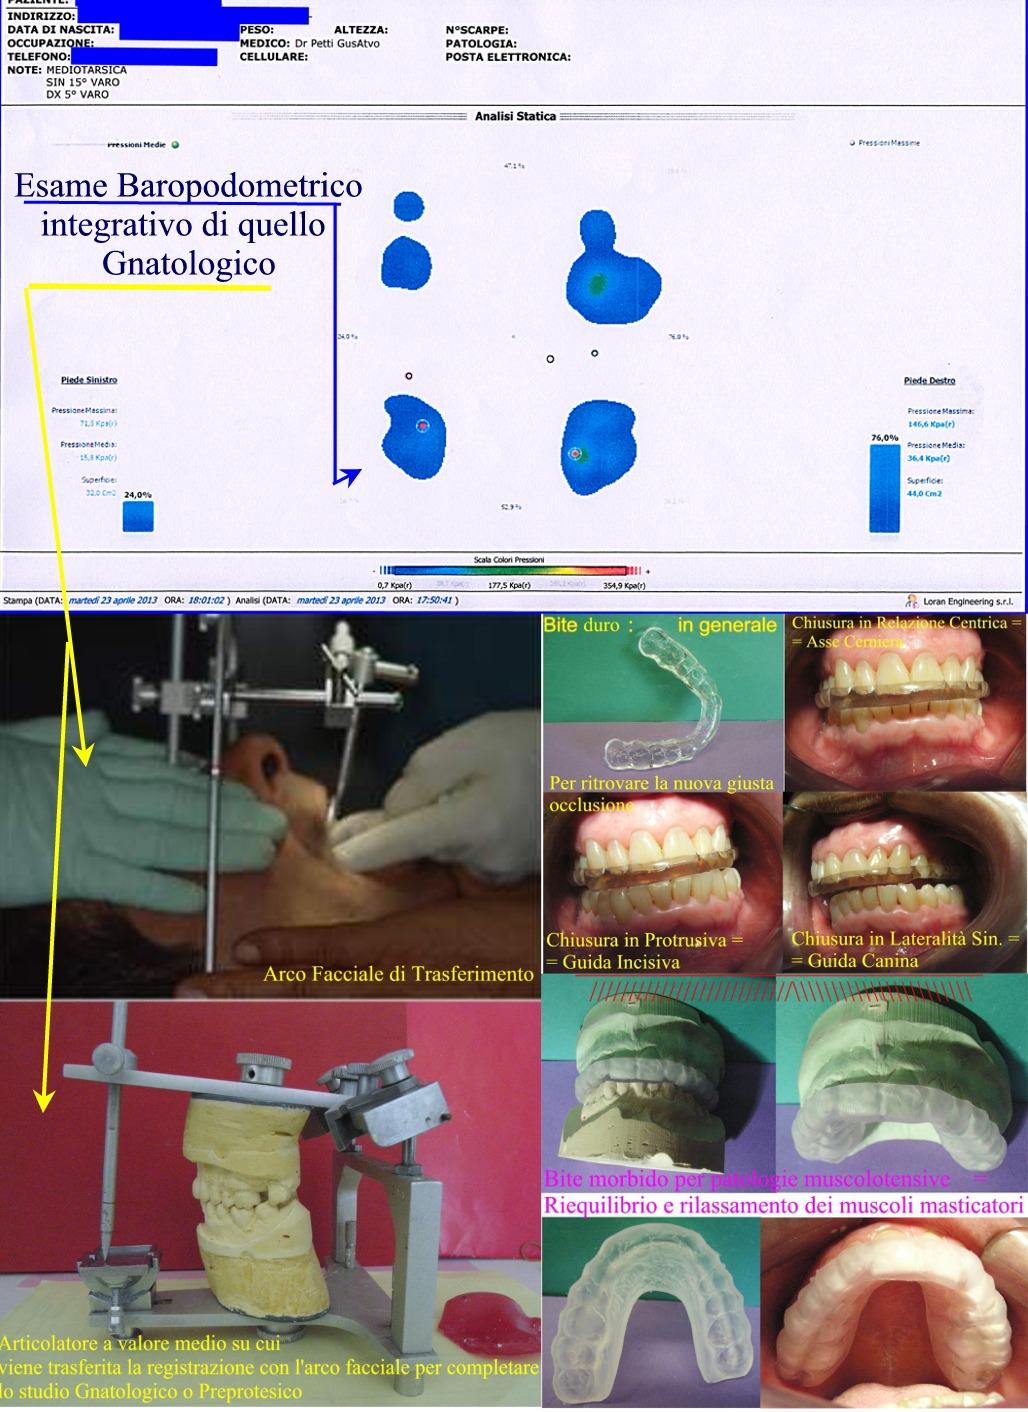 Esame Stabilometrico computerizzato e con Arco Facciale e Articolatore a Valore Medio come parte di Valutazioni Gnatologiche. Da Casistica Dr. Gustavo Petti Parodontologo Gnatologo di Cagliari